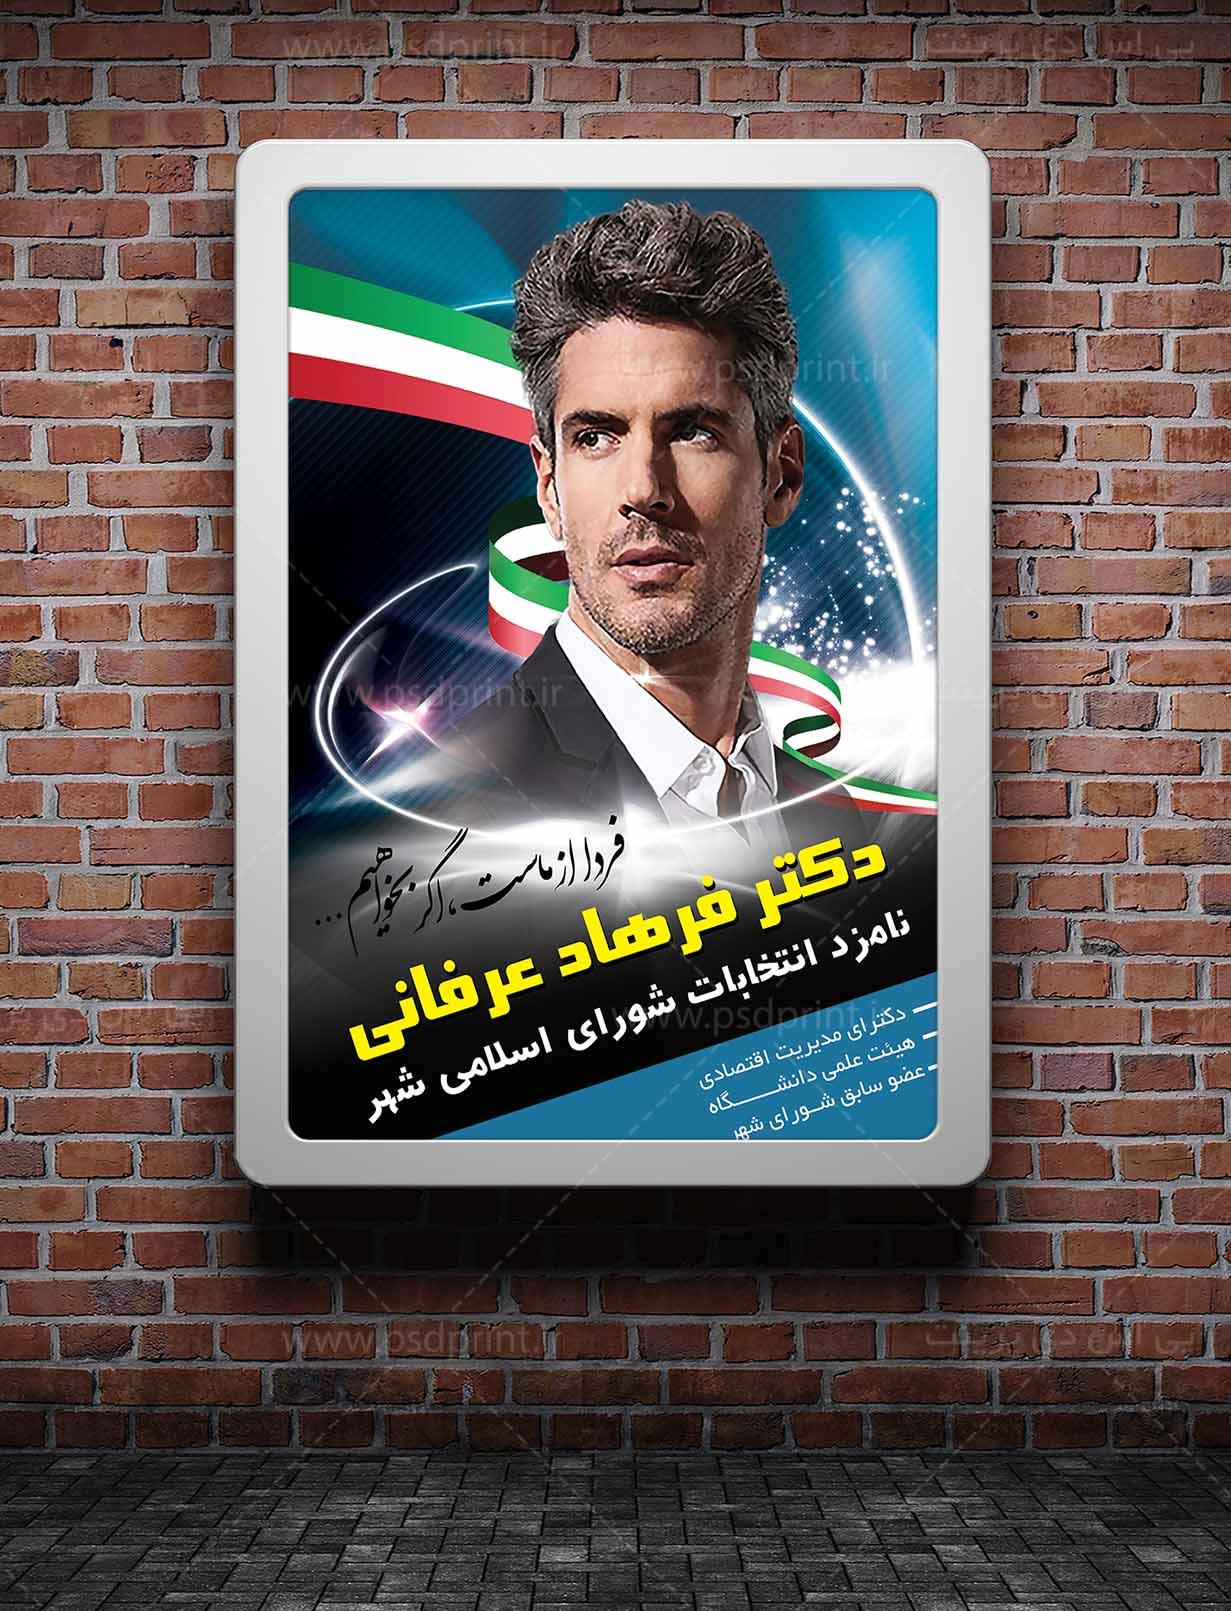 پوستر لایه باز نامزد انتخابات